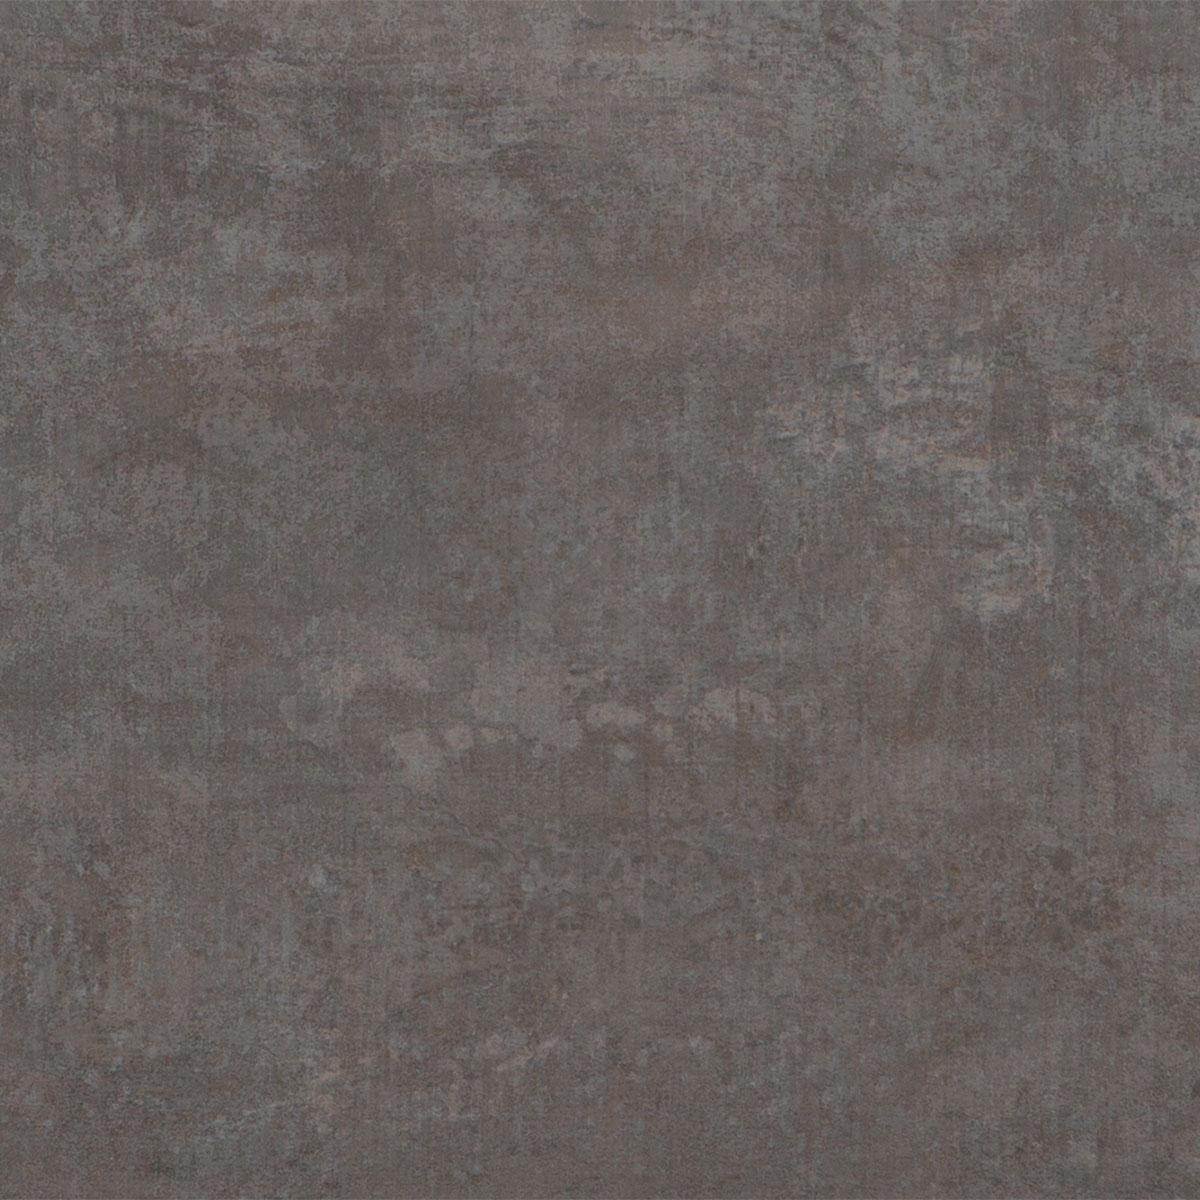 HF1801 Dunkles Gestein